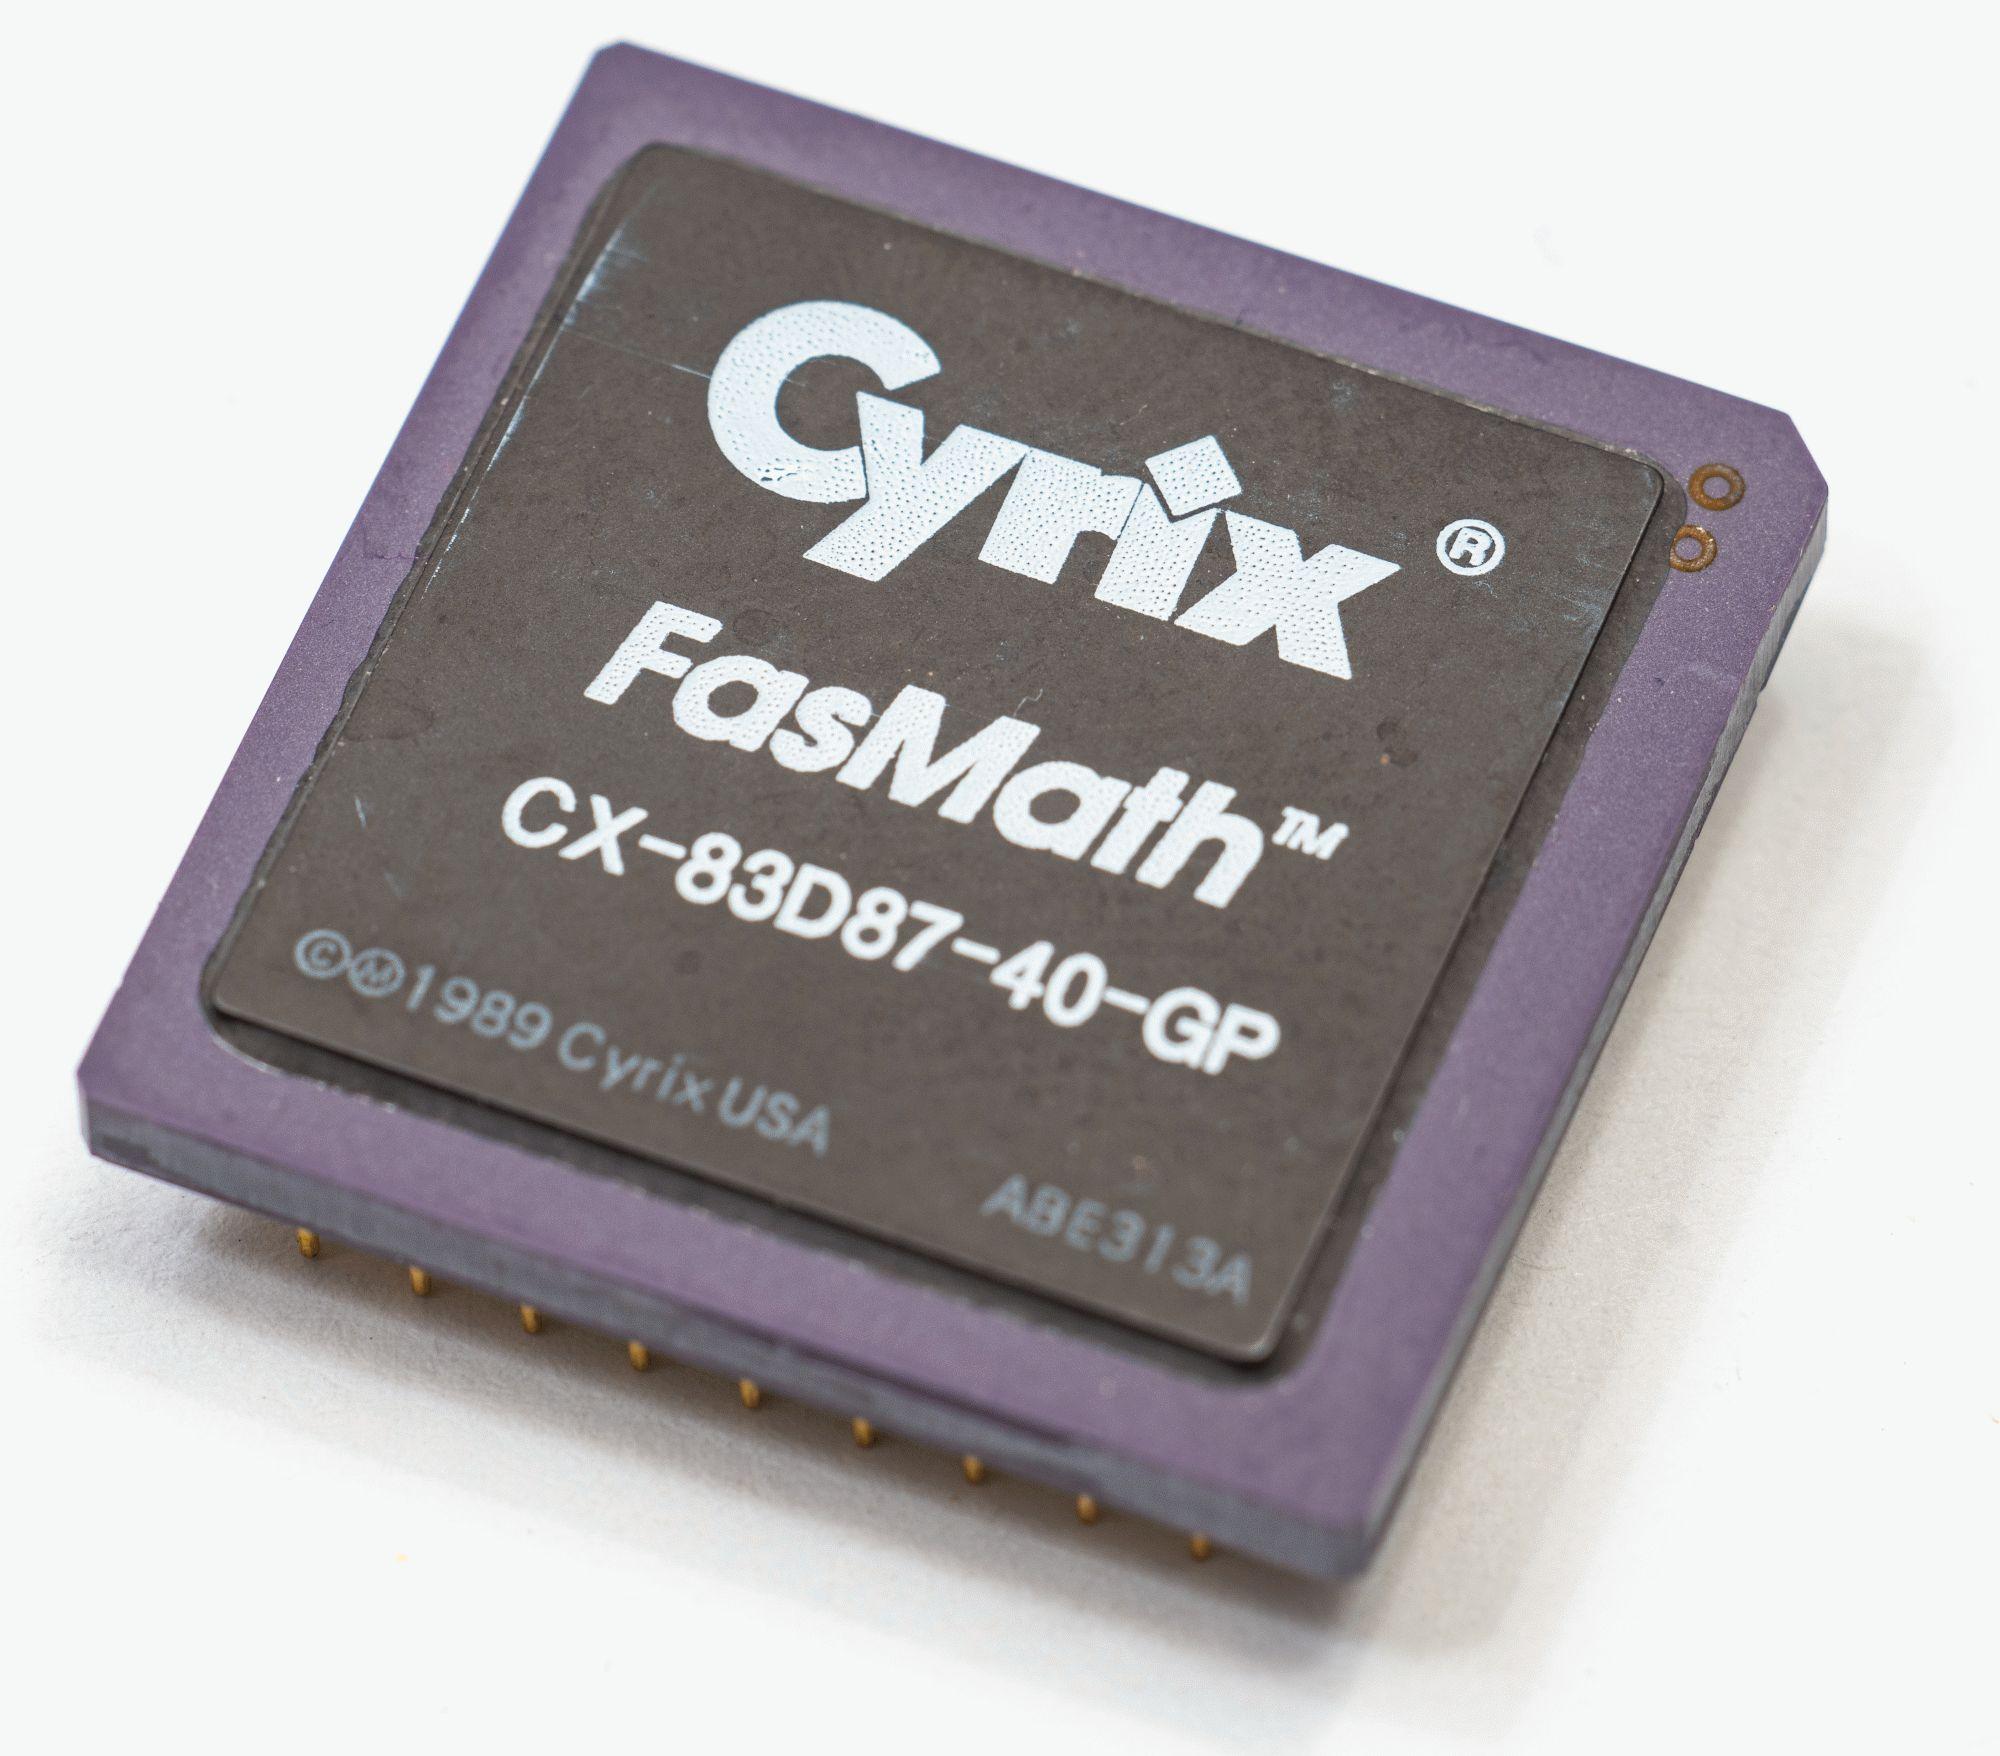 Древности: беспощадный апгрейд 386-го компьютера - 7